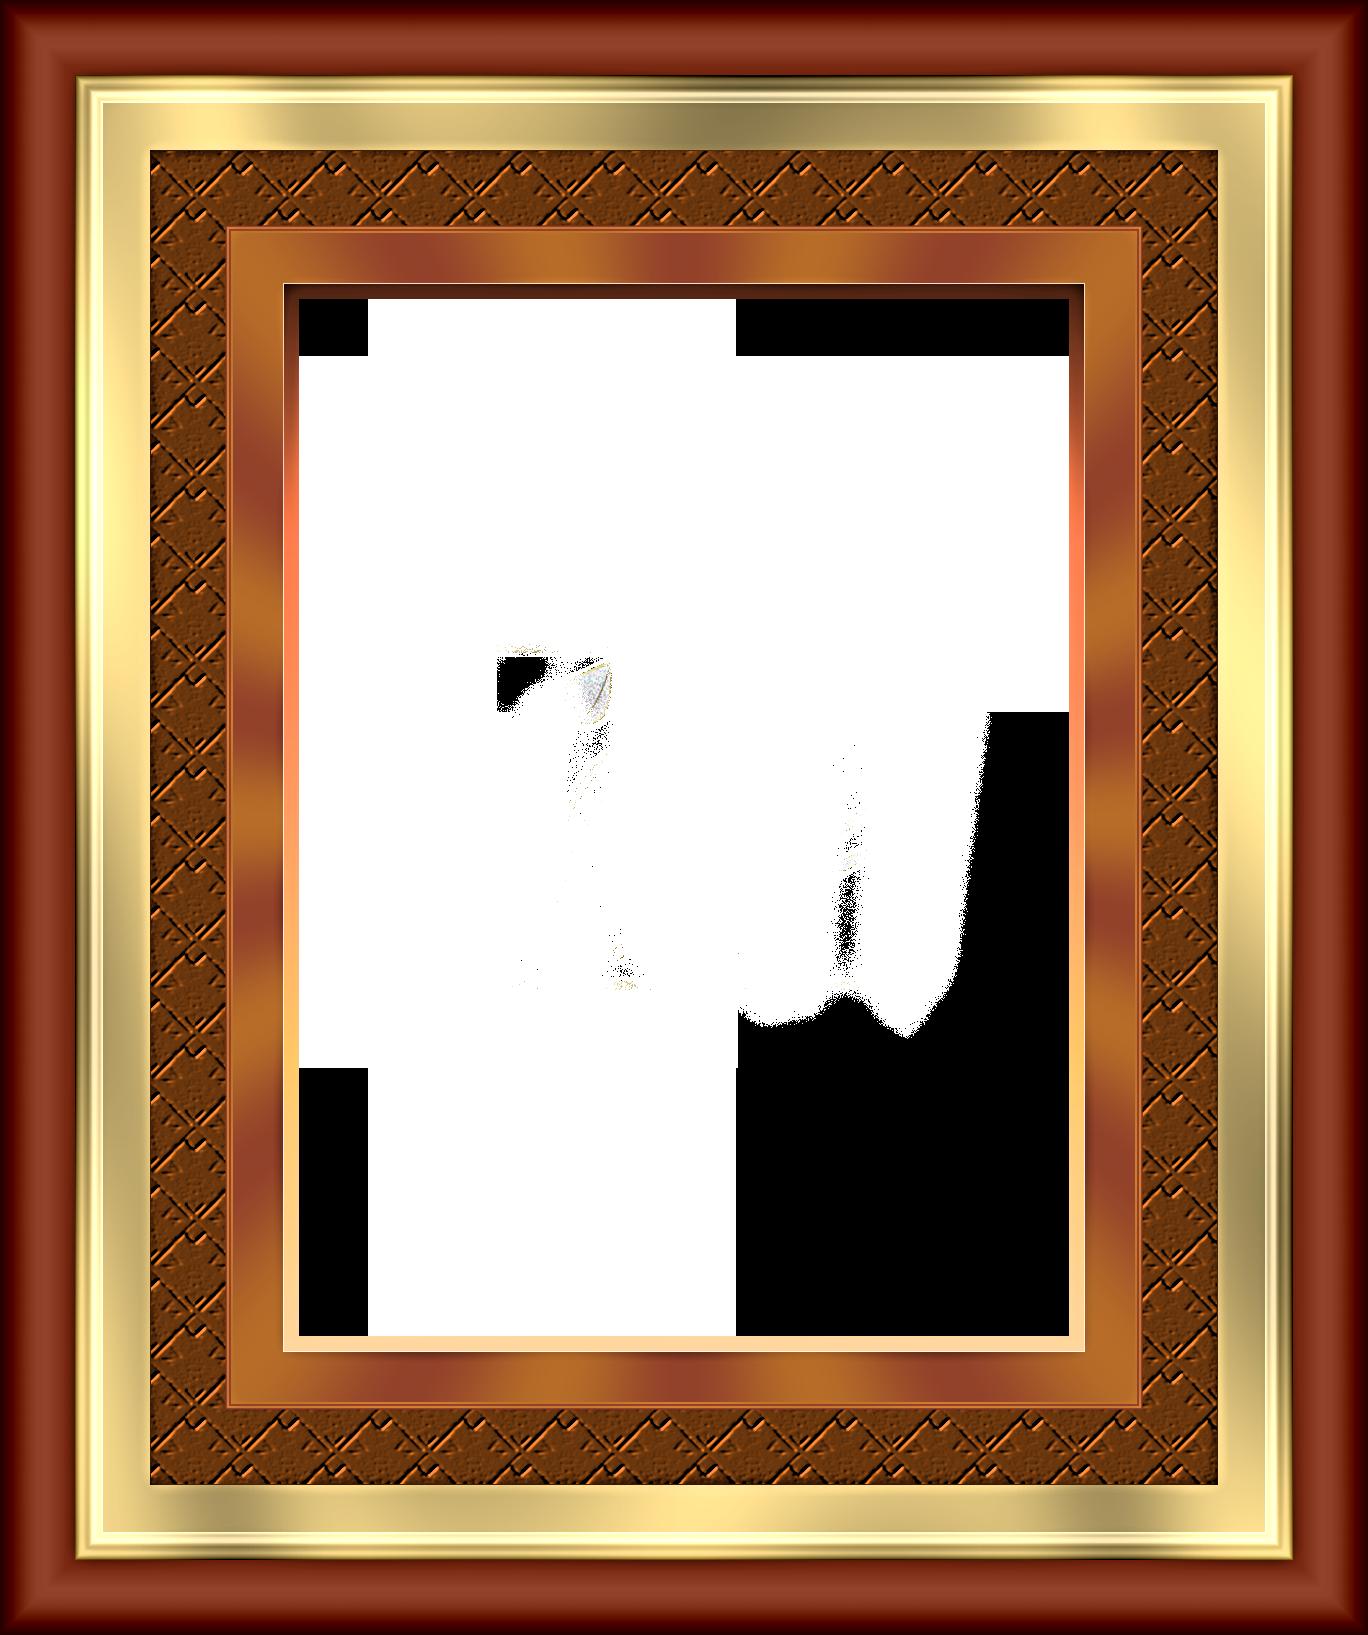 【边框相框素材篇】漂亮相框 第5辑 - 浪漫人生 - .